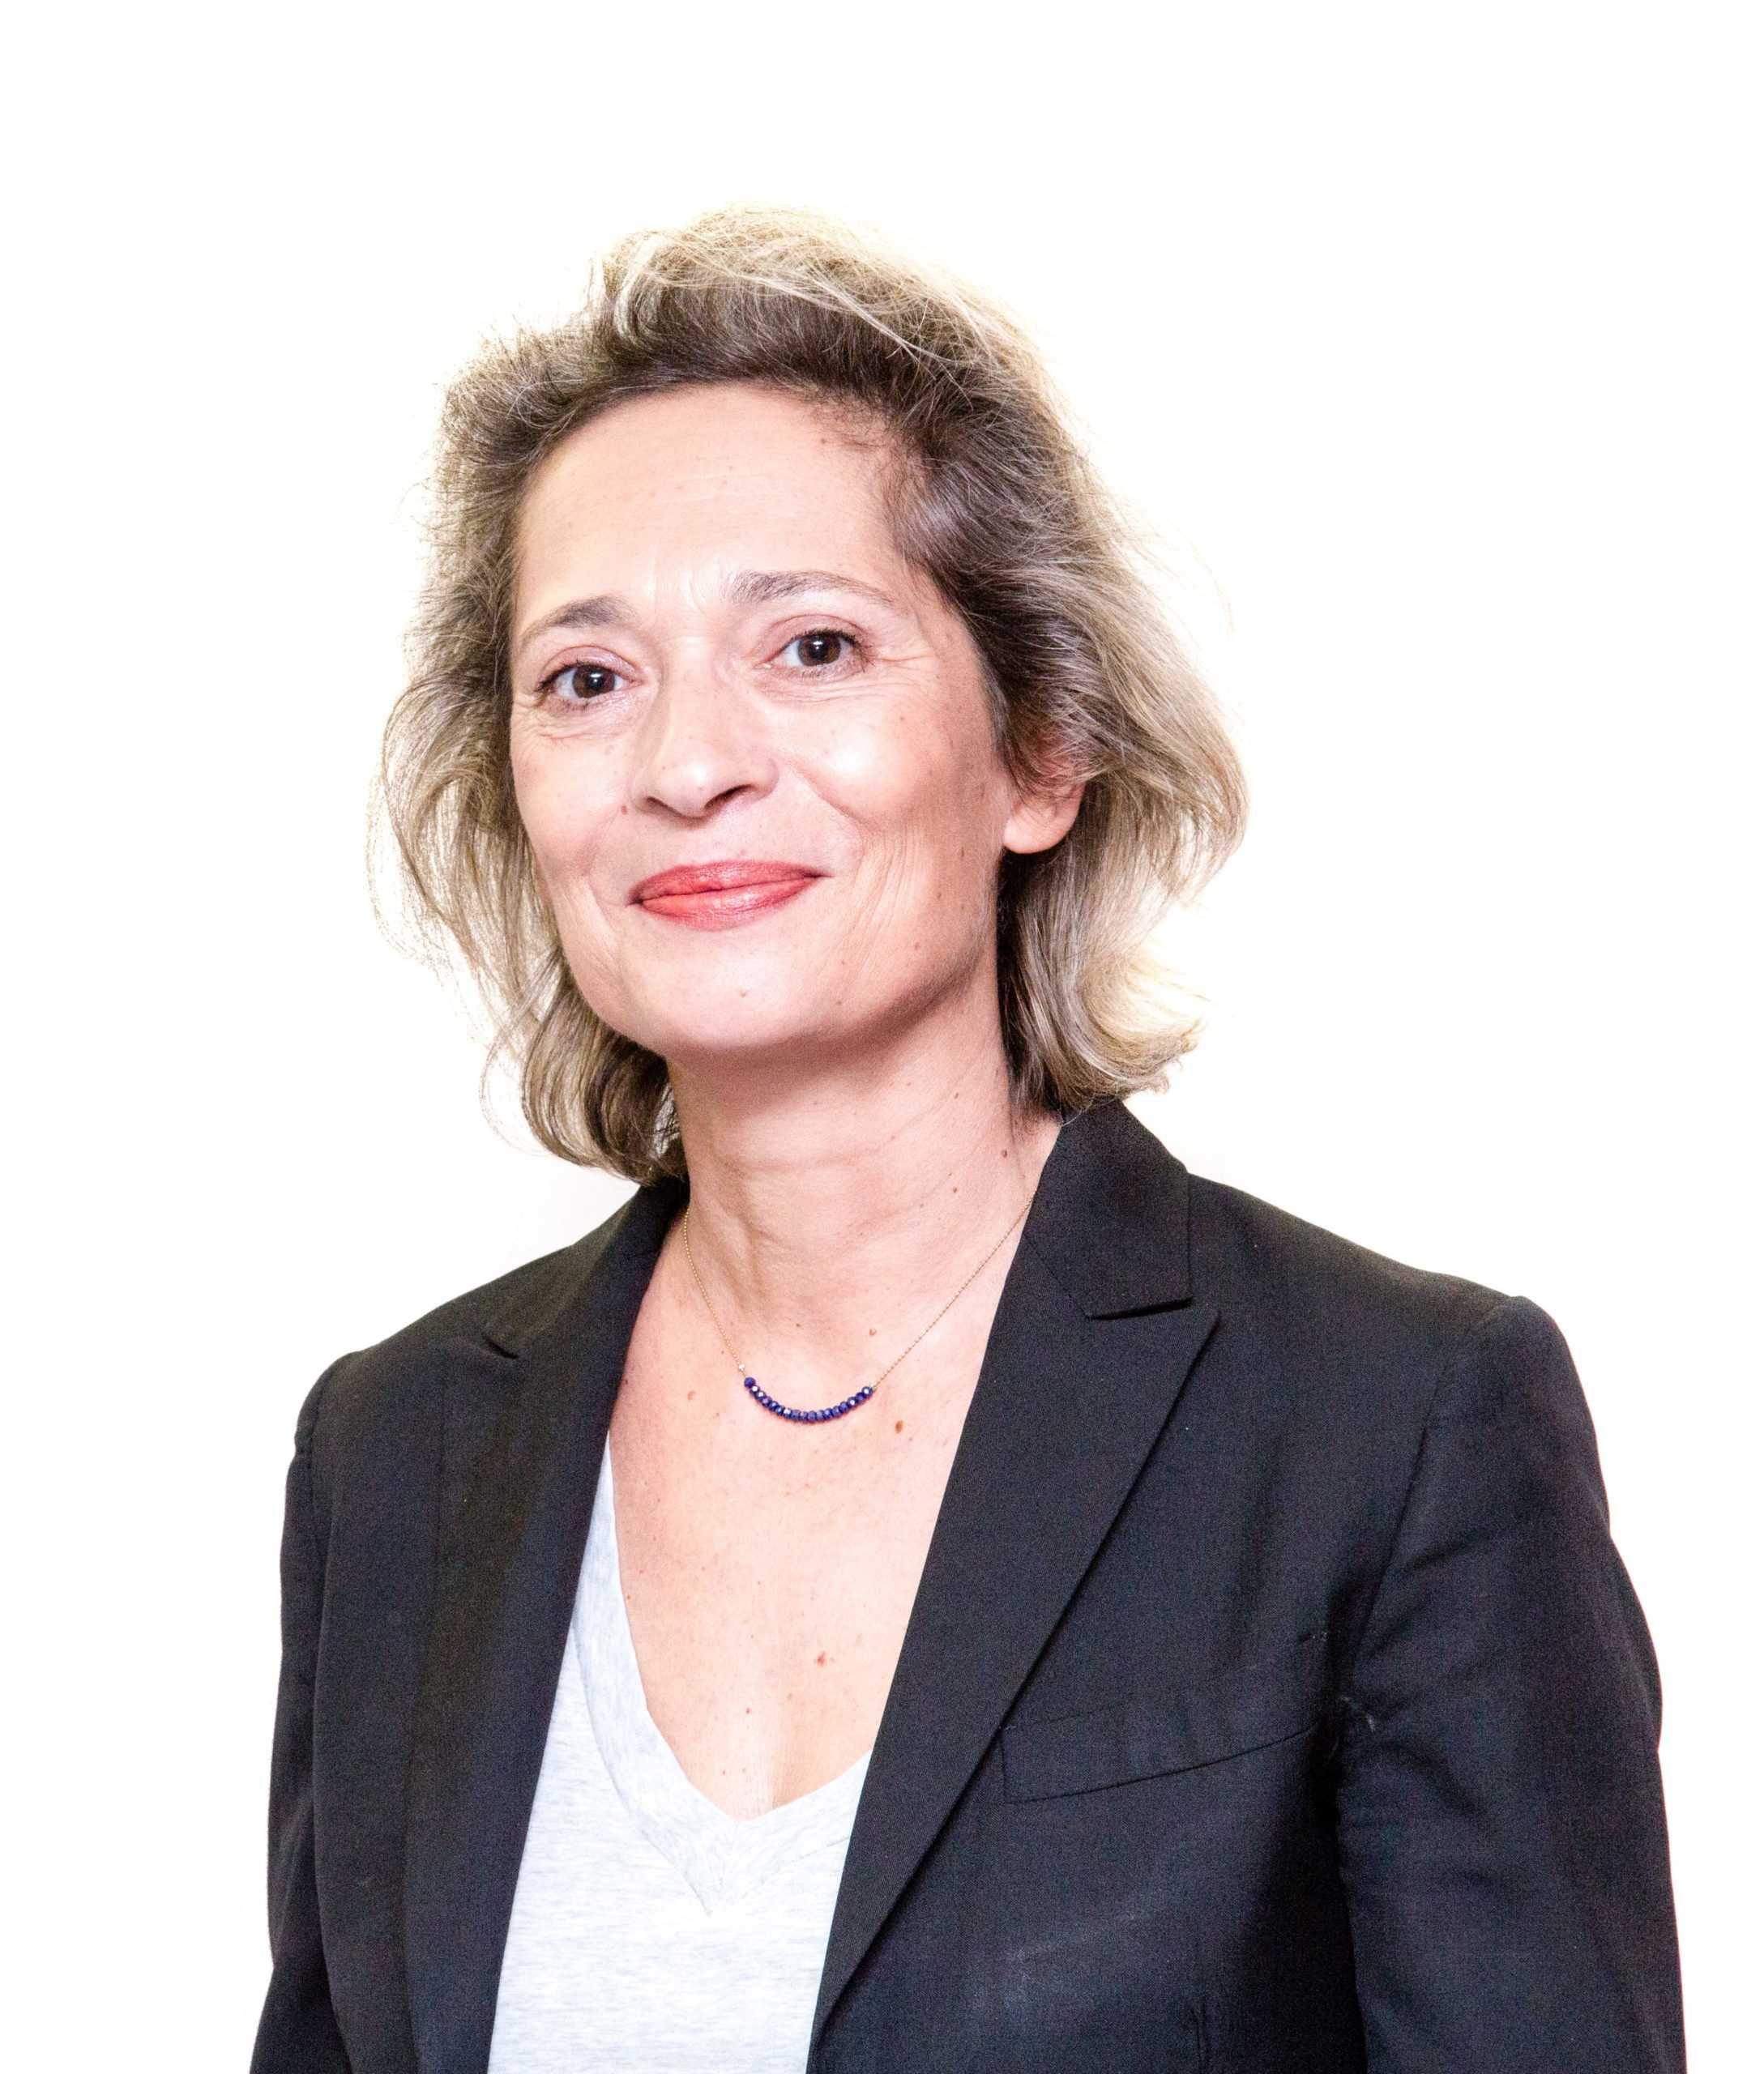 Portrait de Nathalie Magnillat